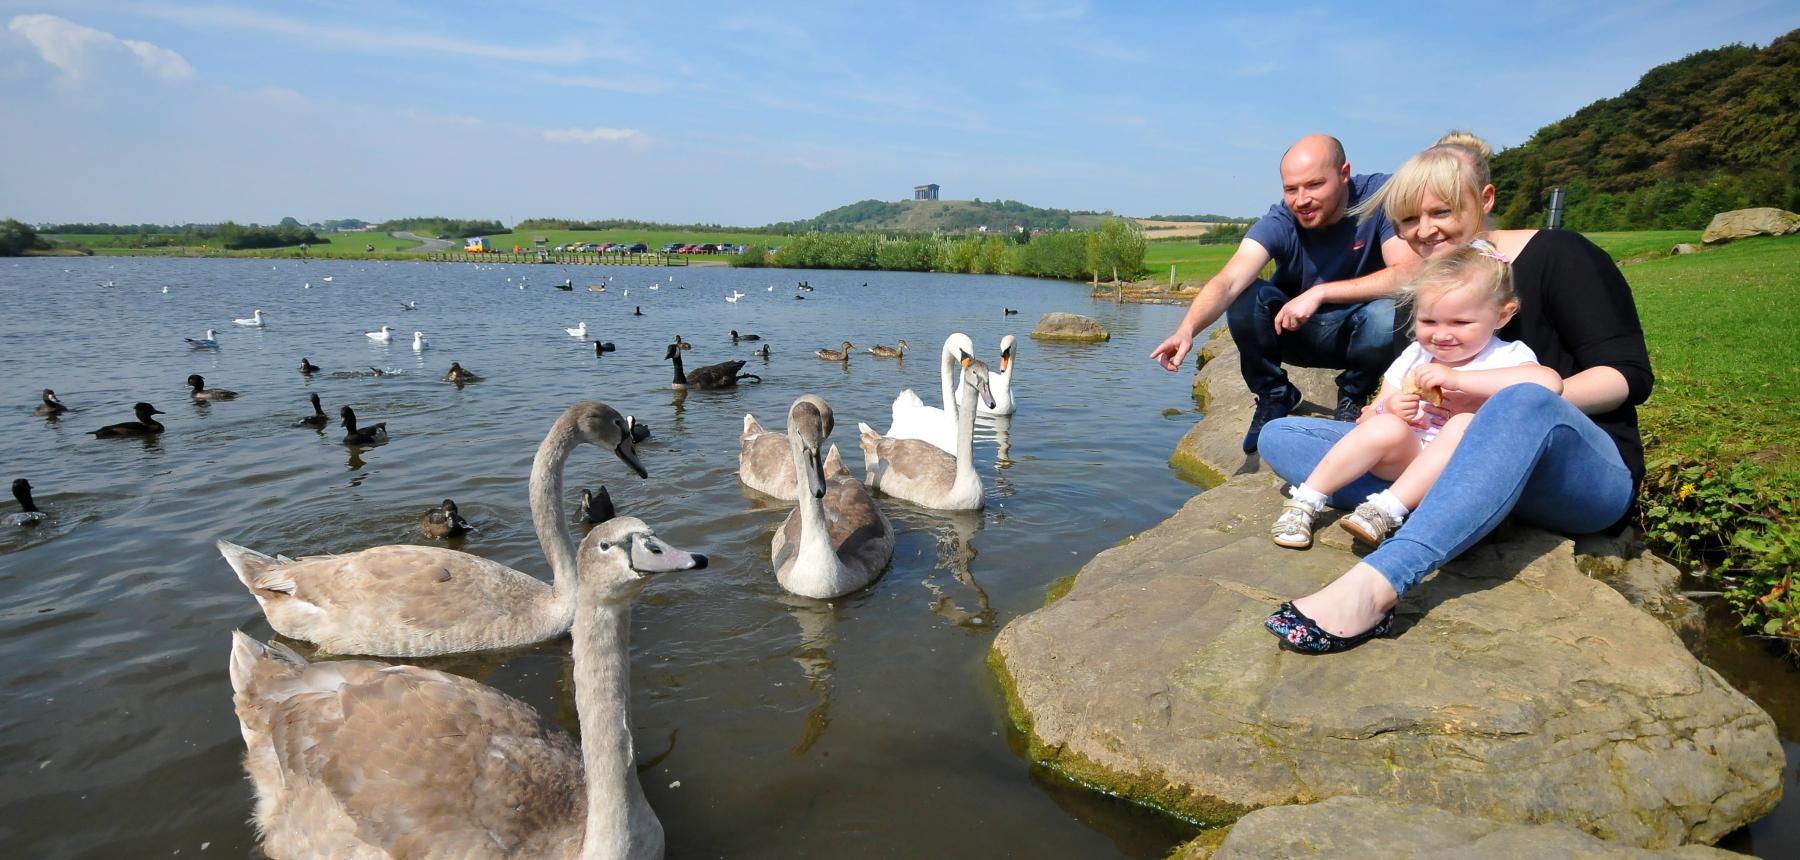 Family feeding swans at Herrington Country Park